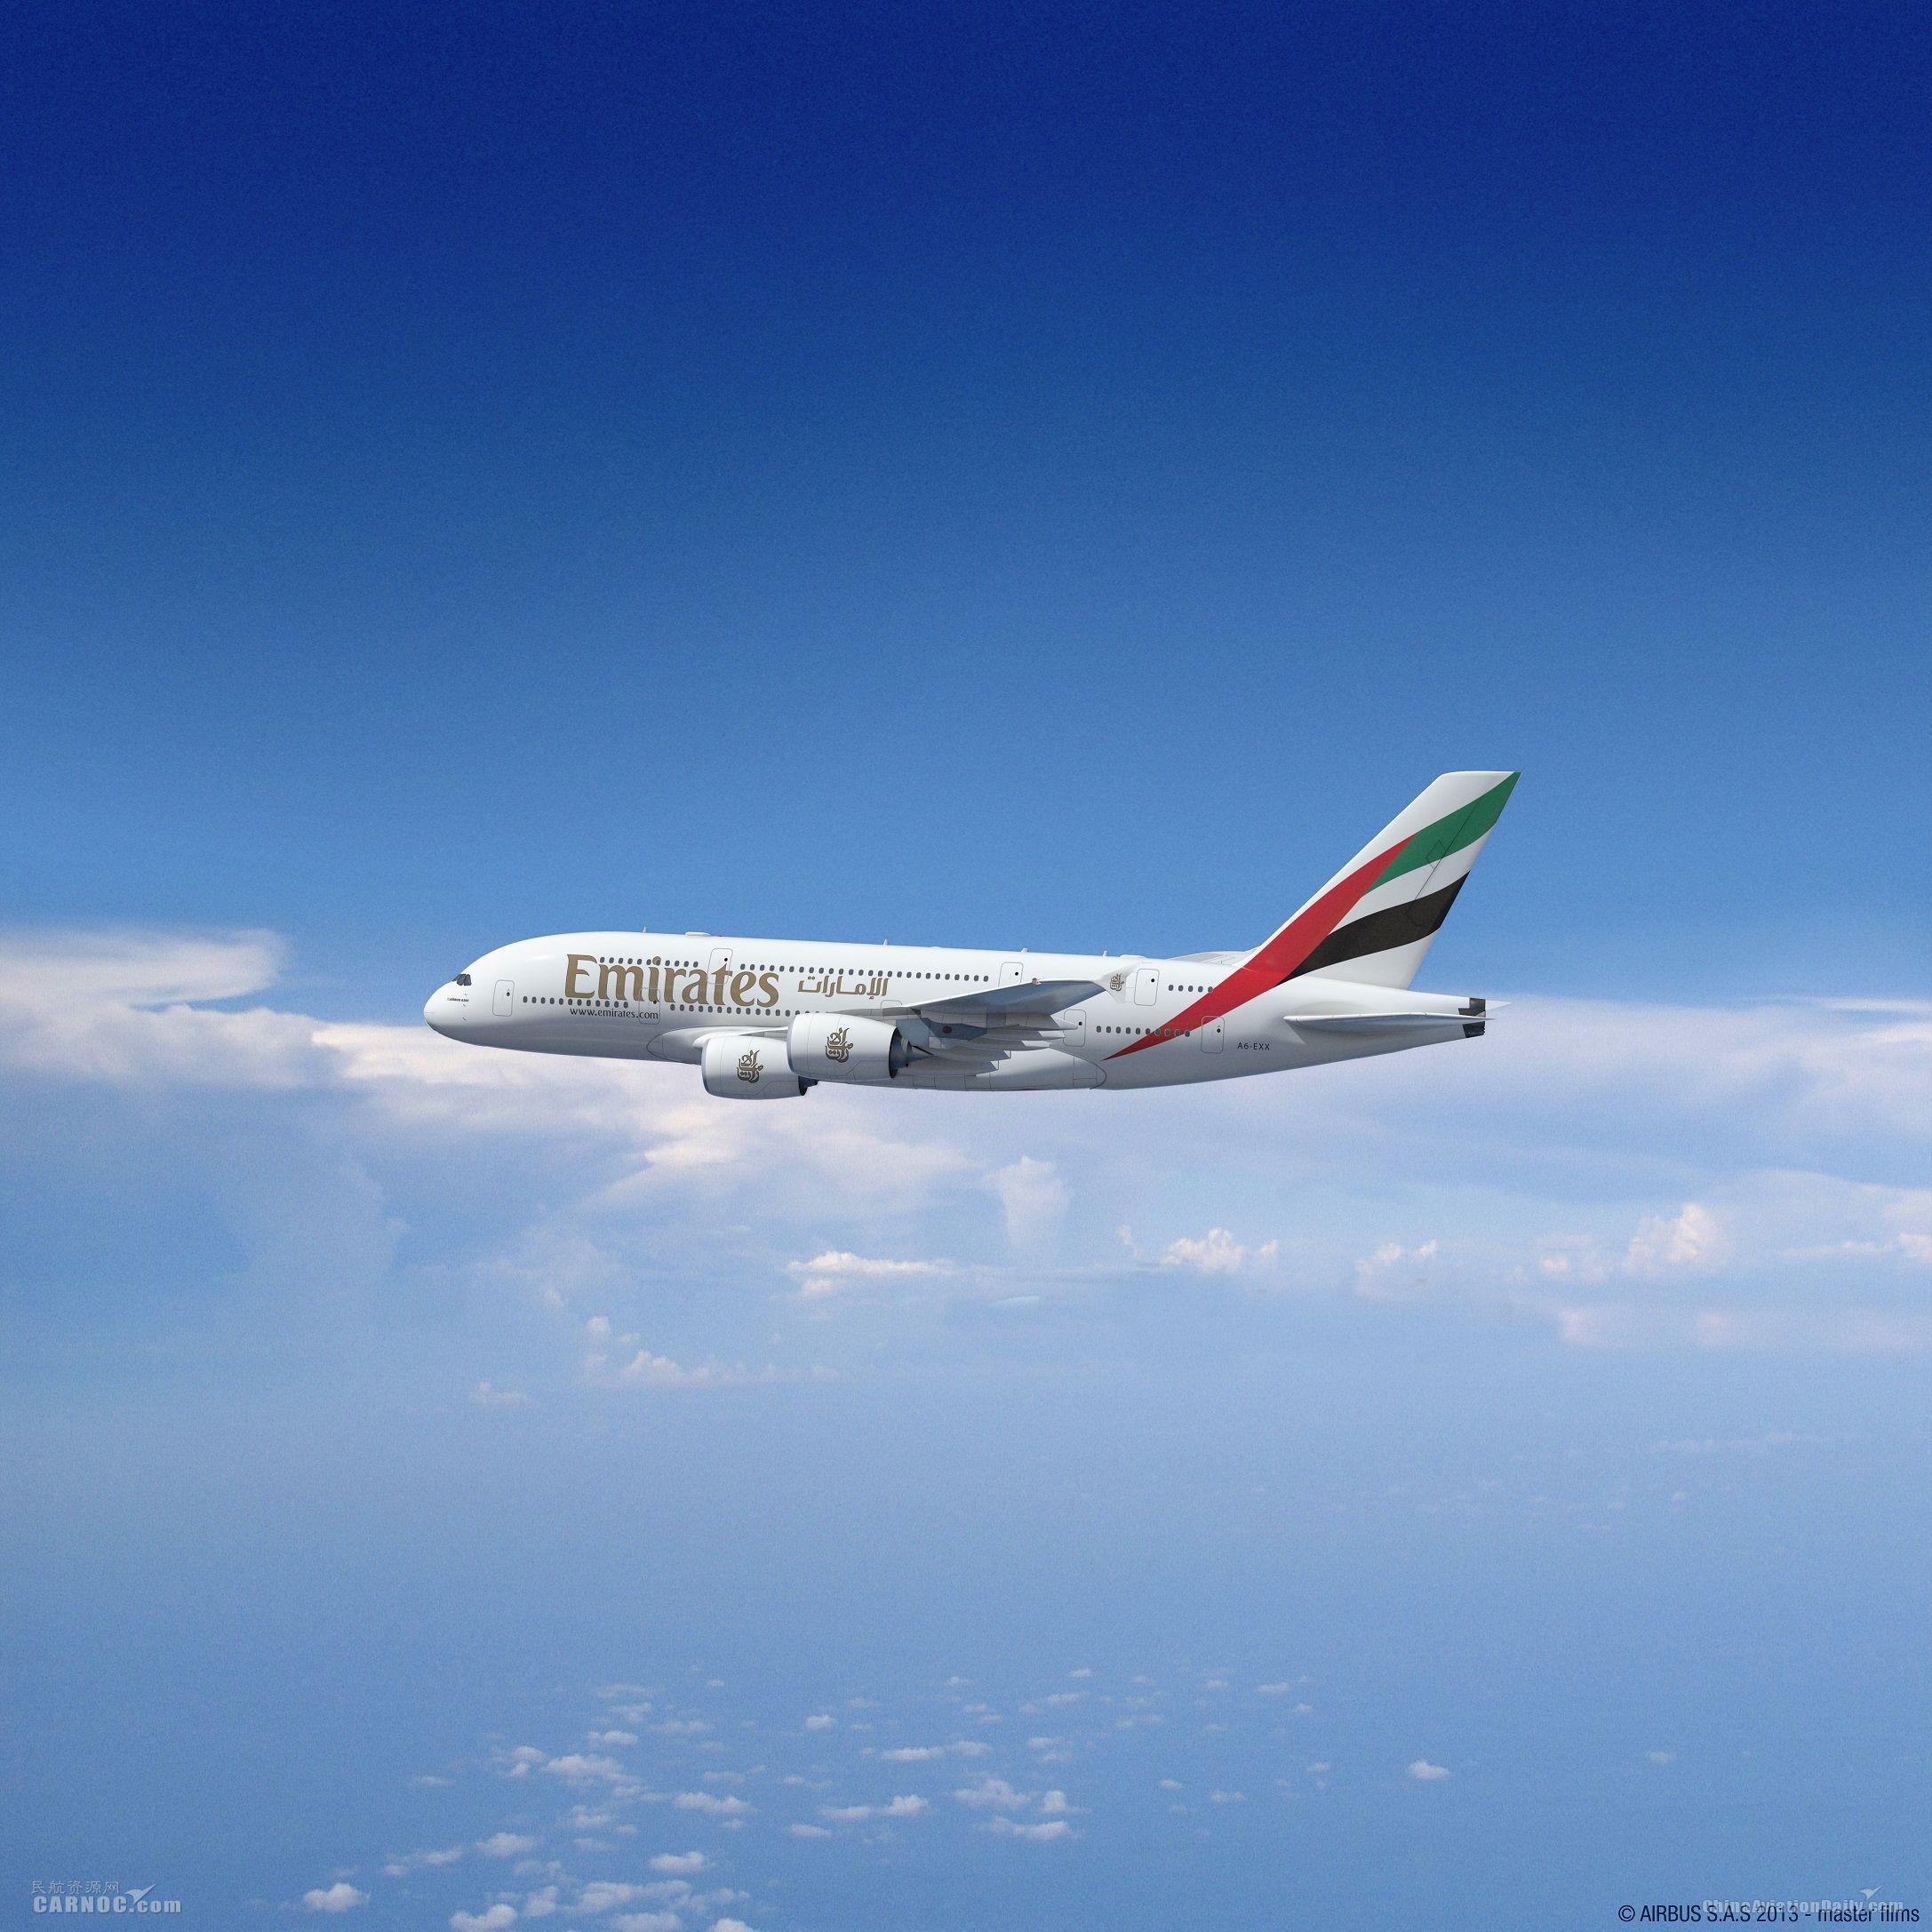 阿联酋航空推出冬日特惠 为迪拜之旅更添实惠